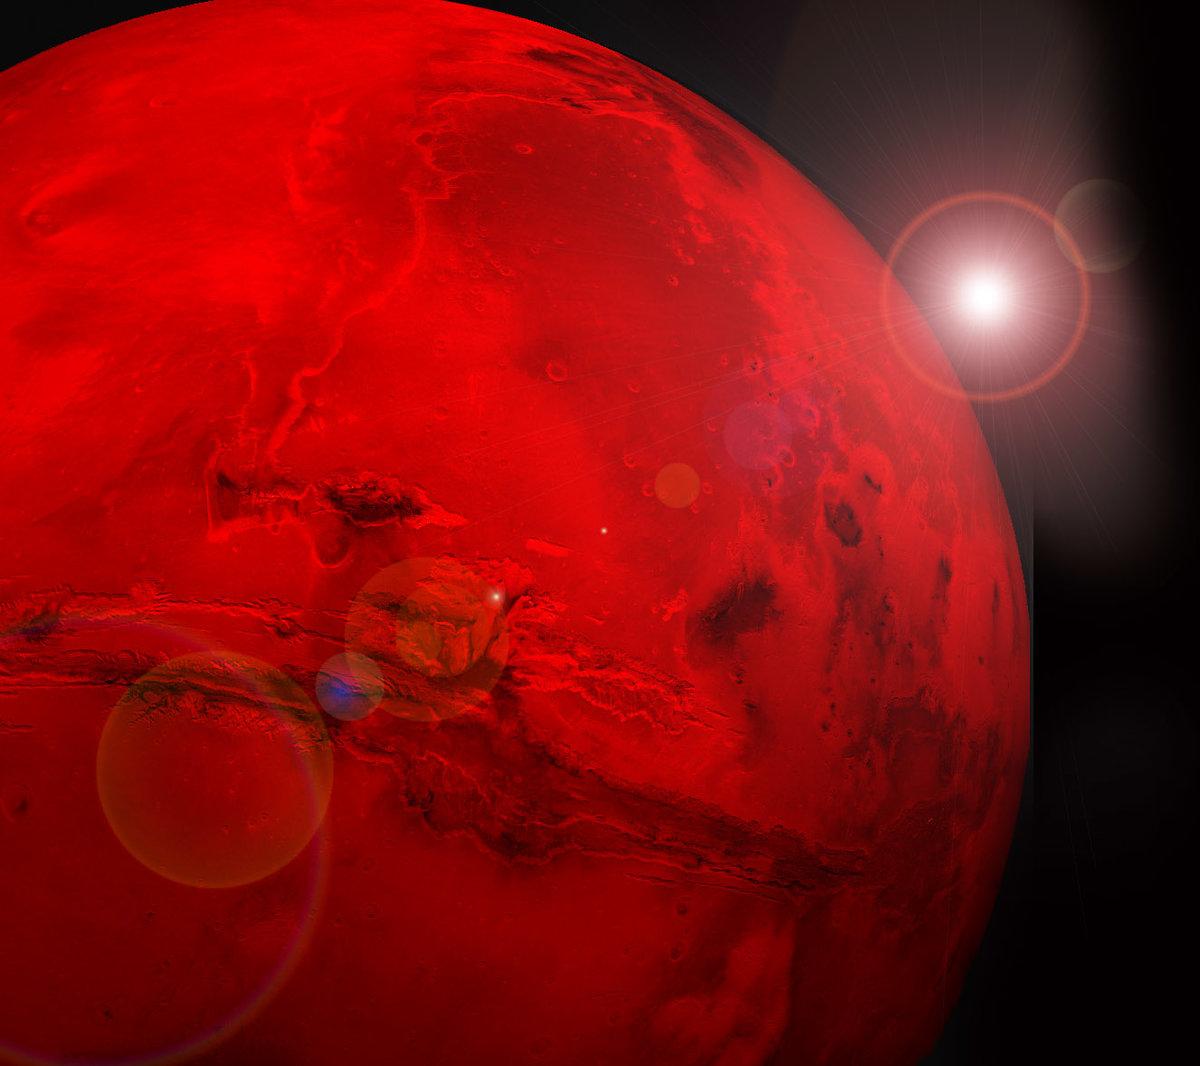 грусть-печалька планета красная картинки еще была книга